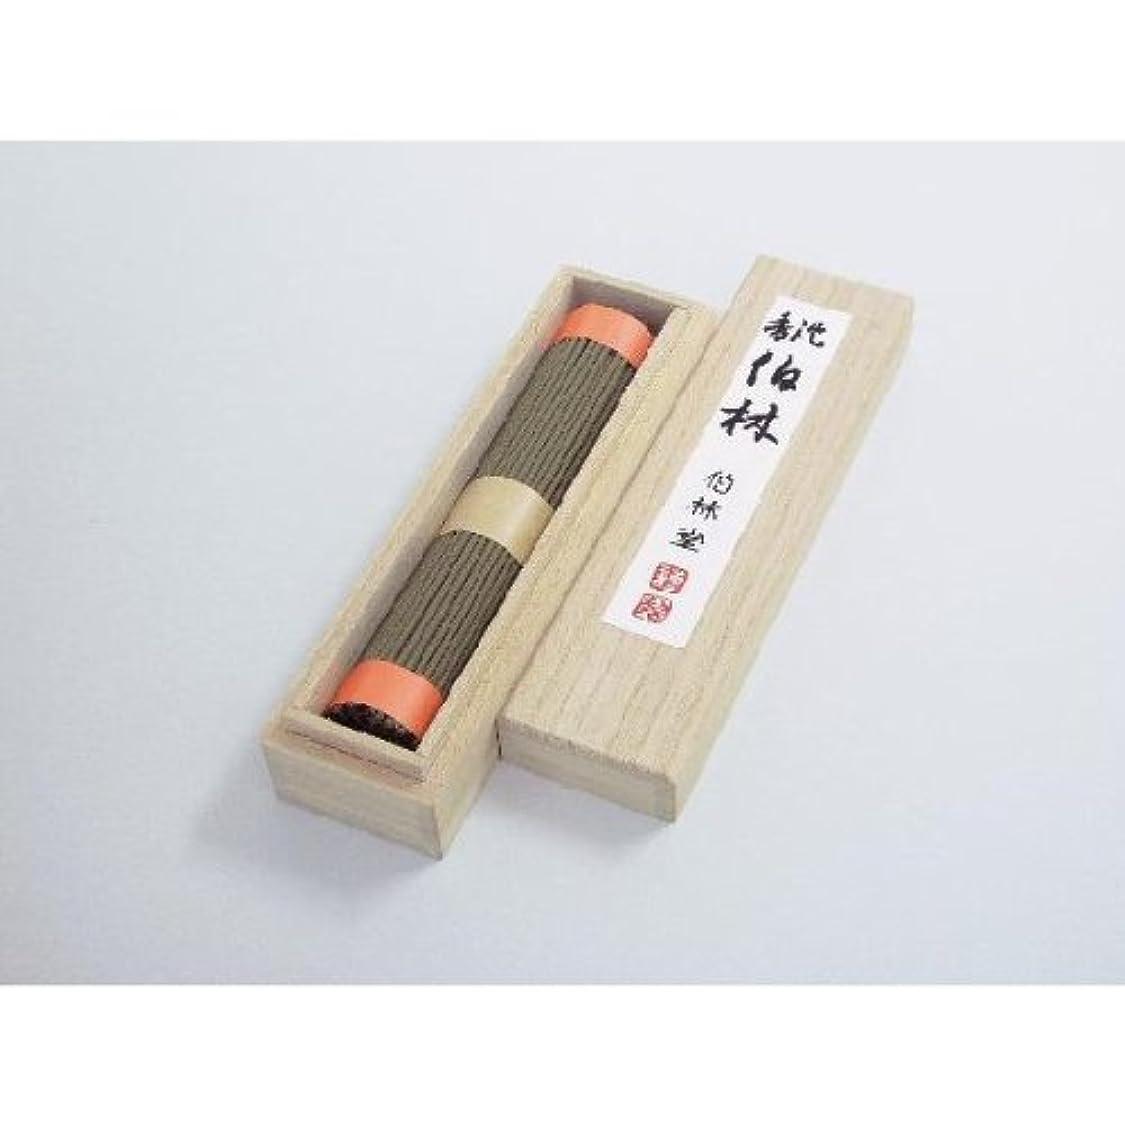 アコード良心的ソース沈香伯林(短寸1把詰) お線香